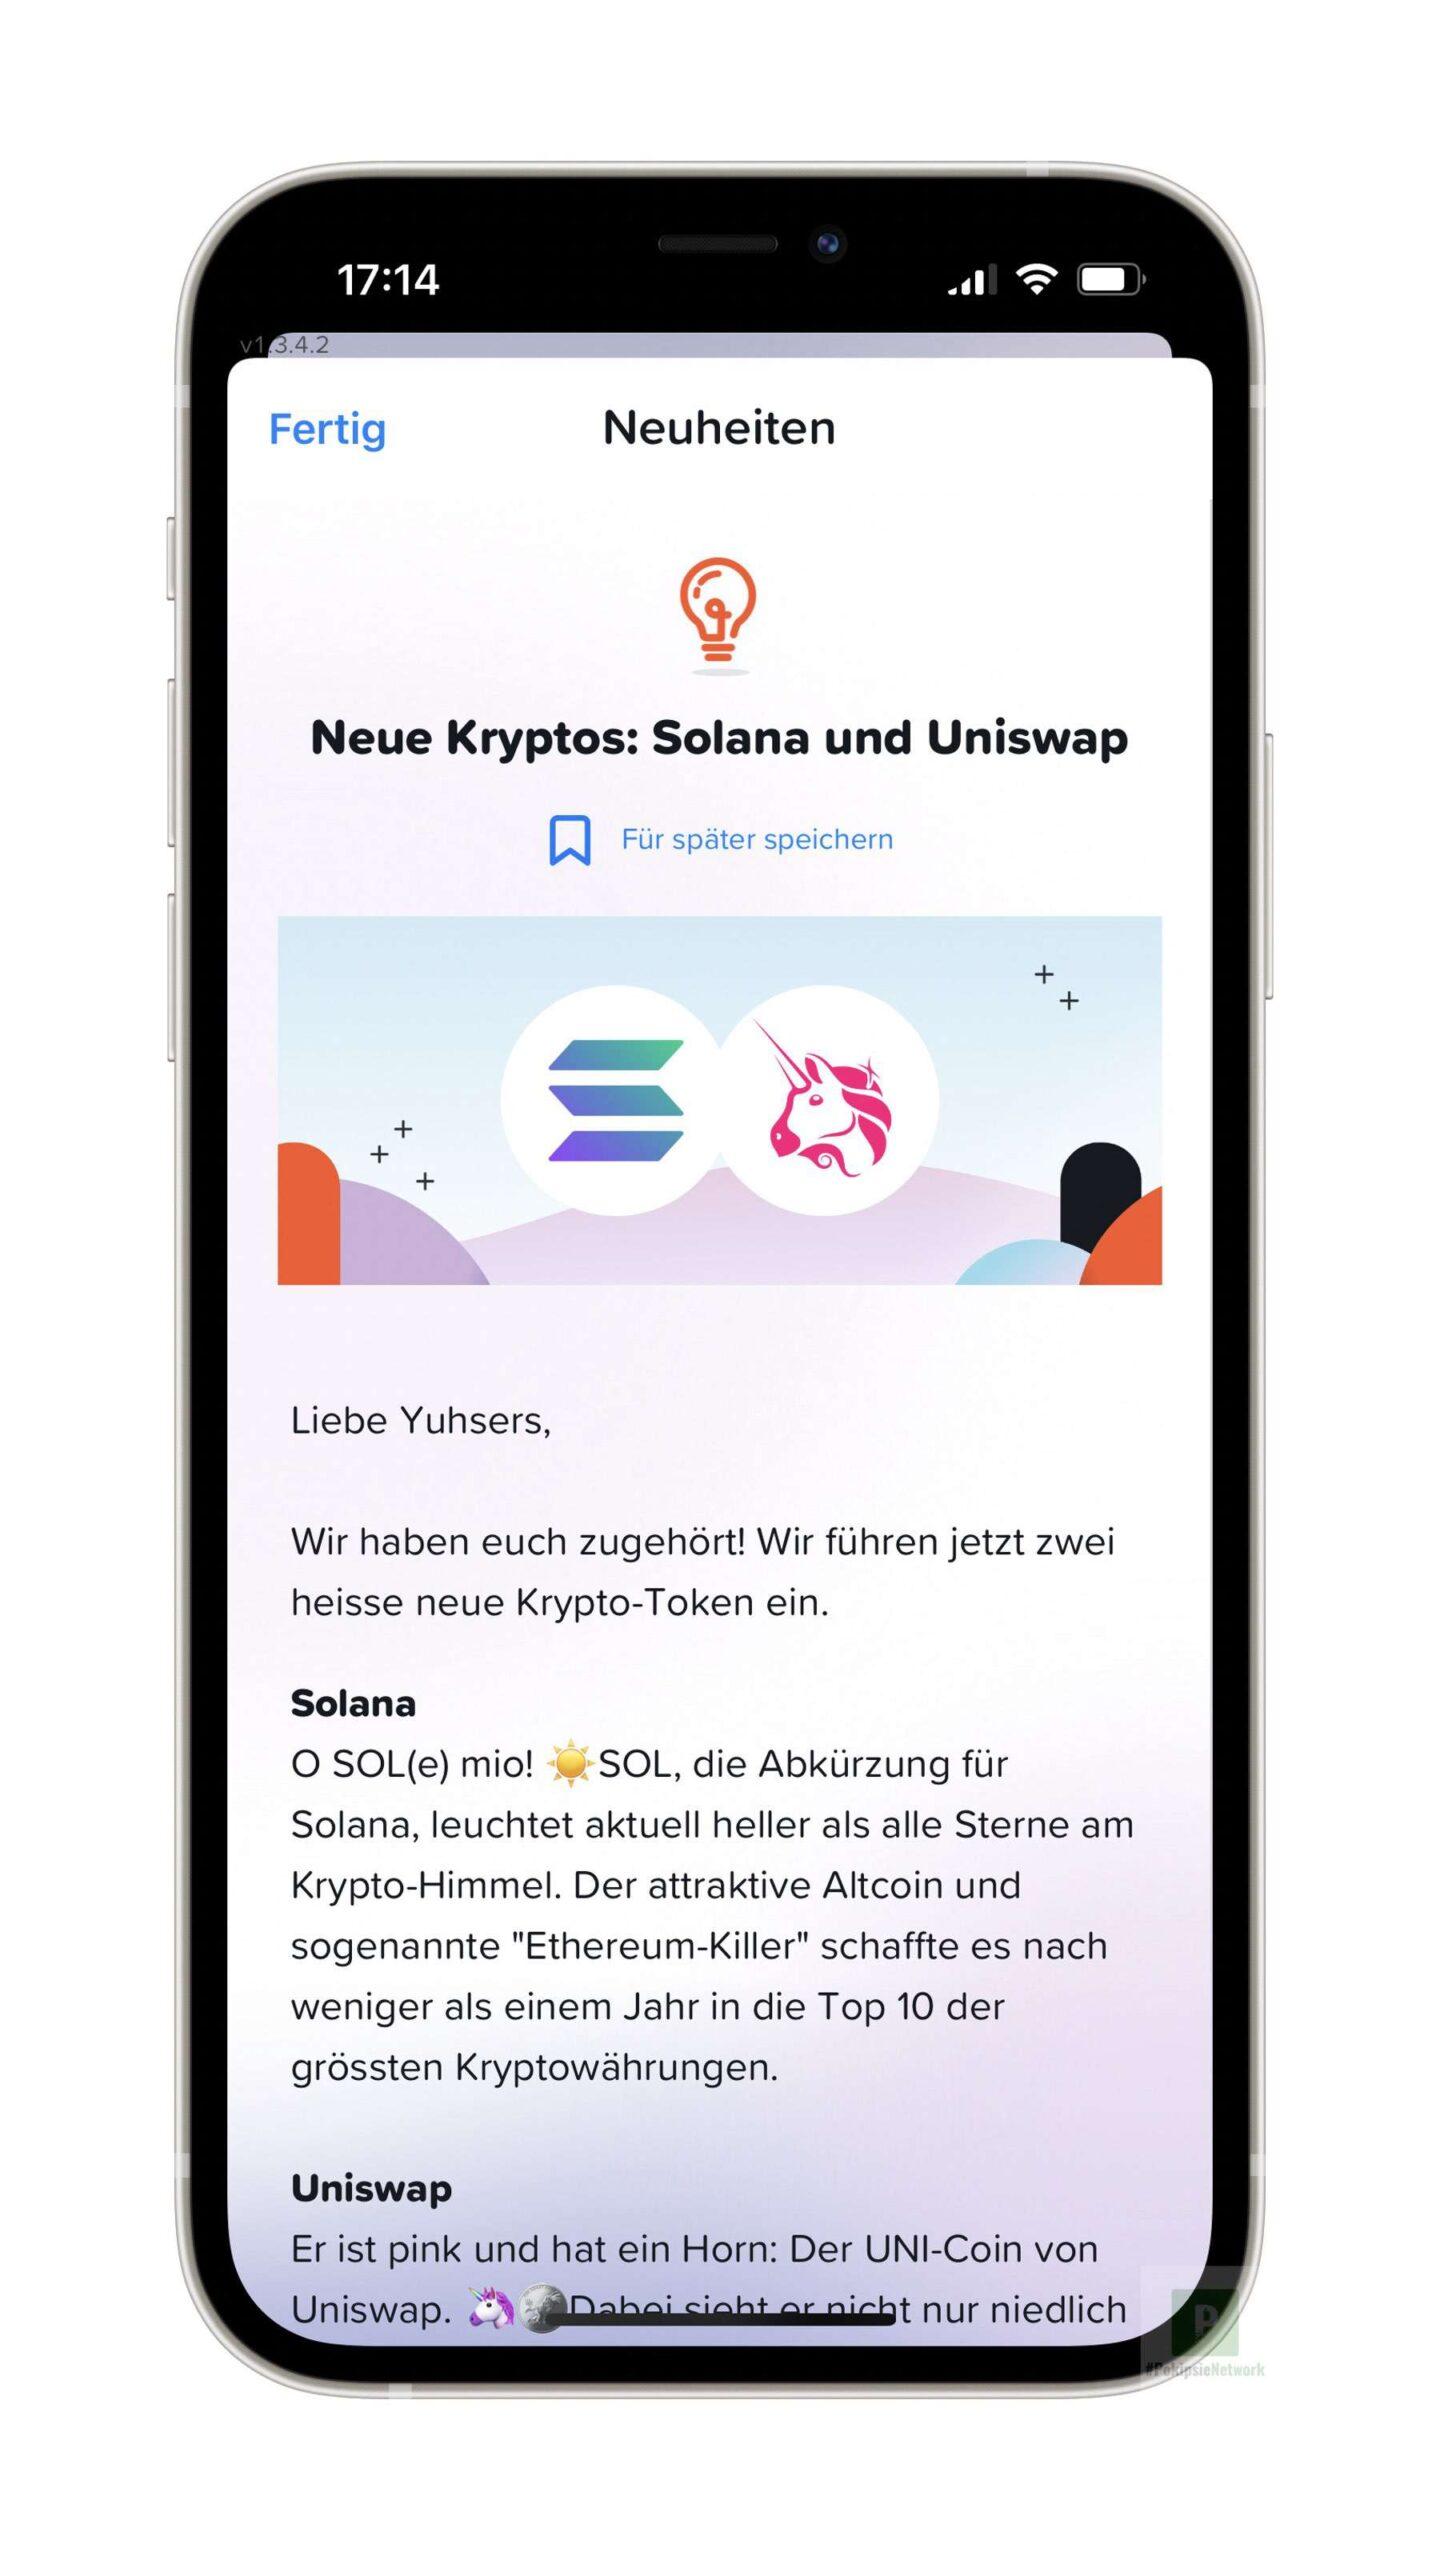 Solana und Uniswap – zwei neue Kryptowährungen bei yuh